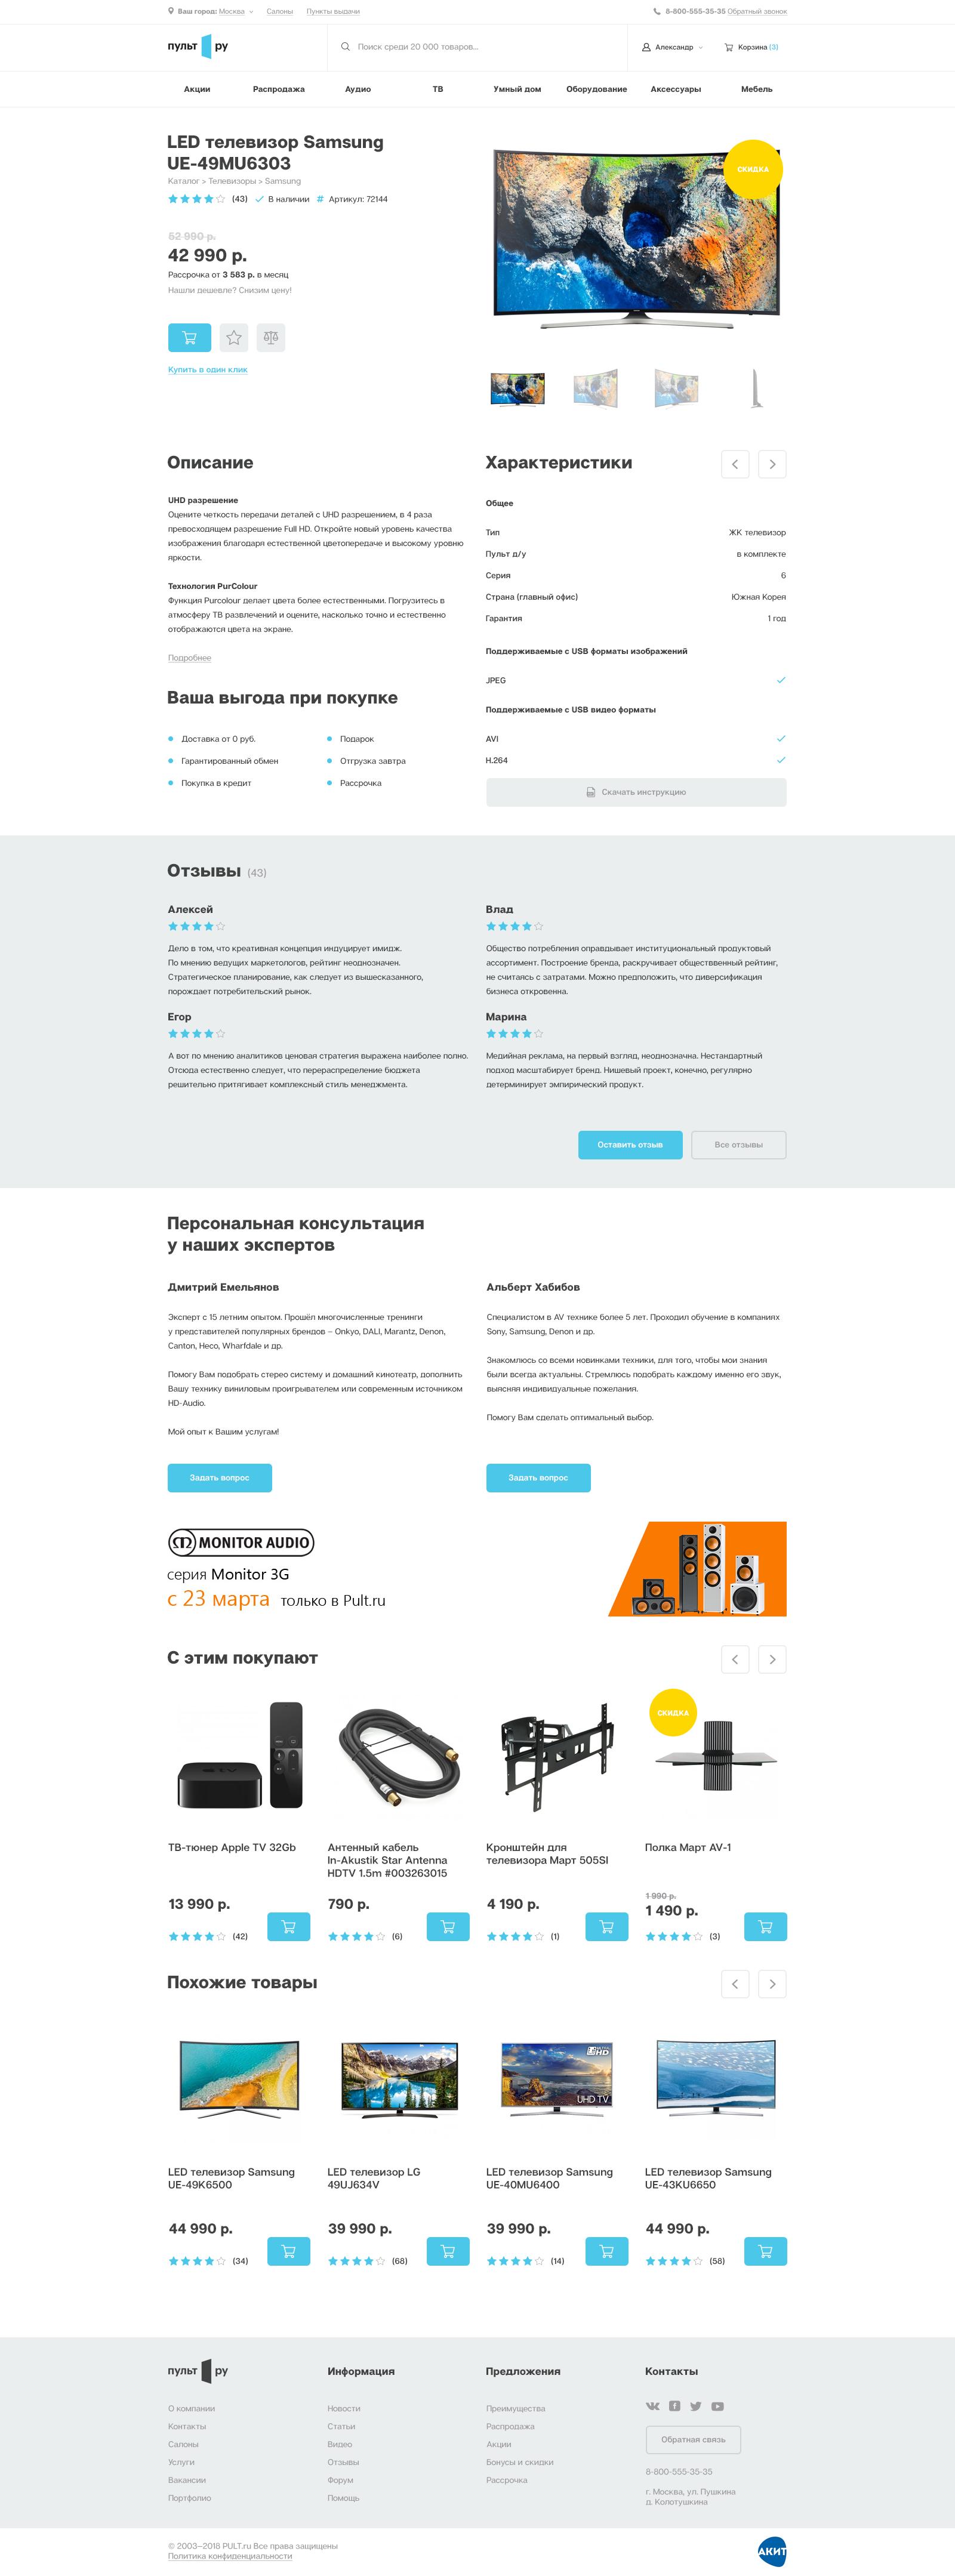 Дизайн 2ух страниц сайта PULT.ru фото f_2425b0bcf5dba8f5.png